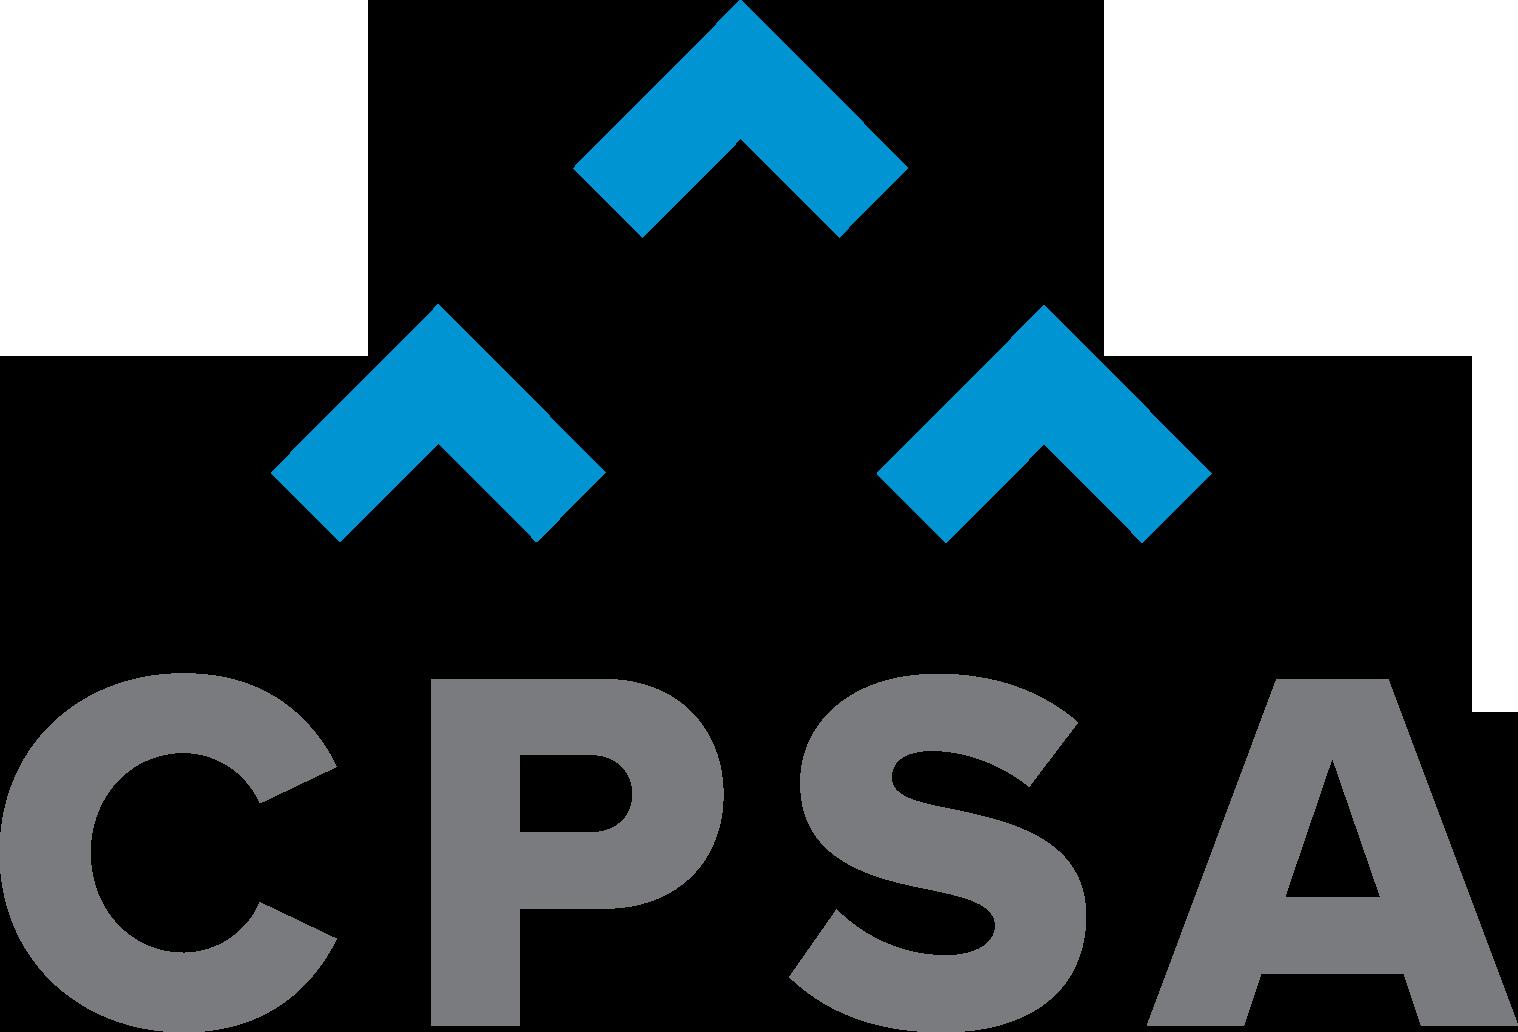 cpsa_logo_rebrand